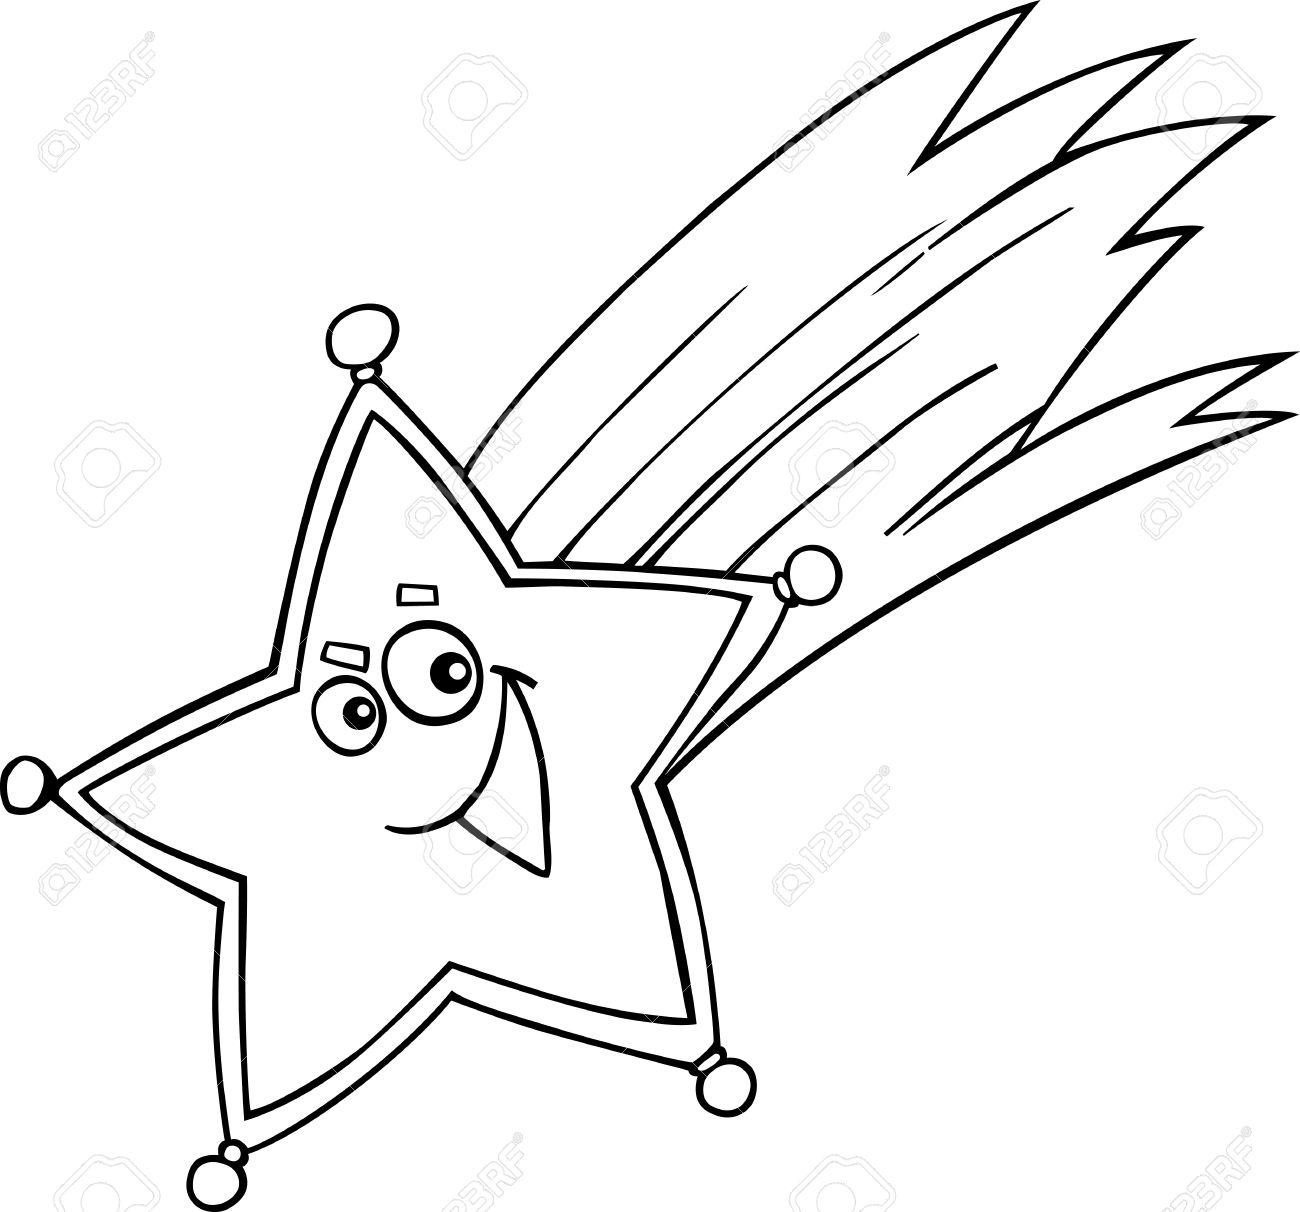 Ilustracion De Dibujos Animados De Navidad Estrella De Libro Para